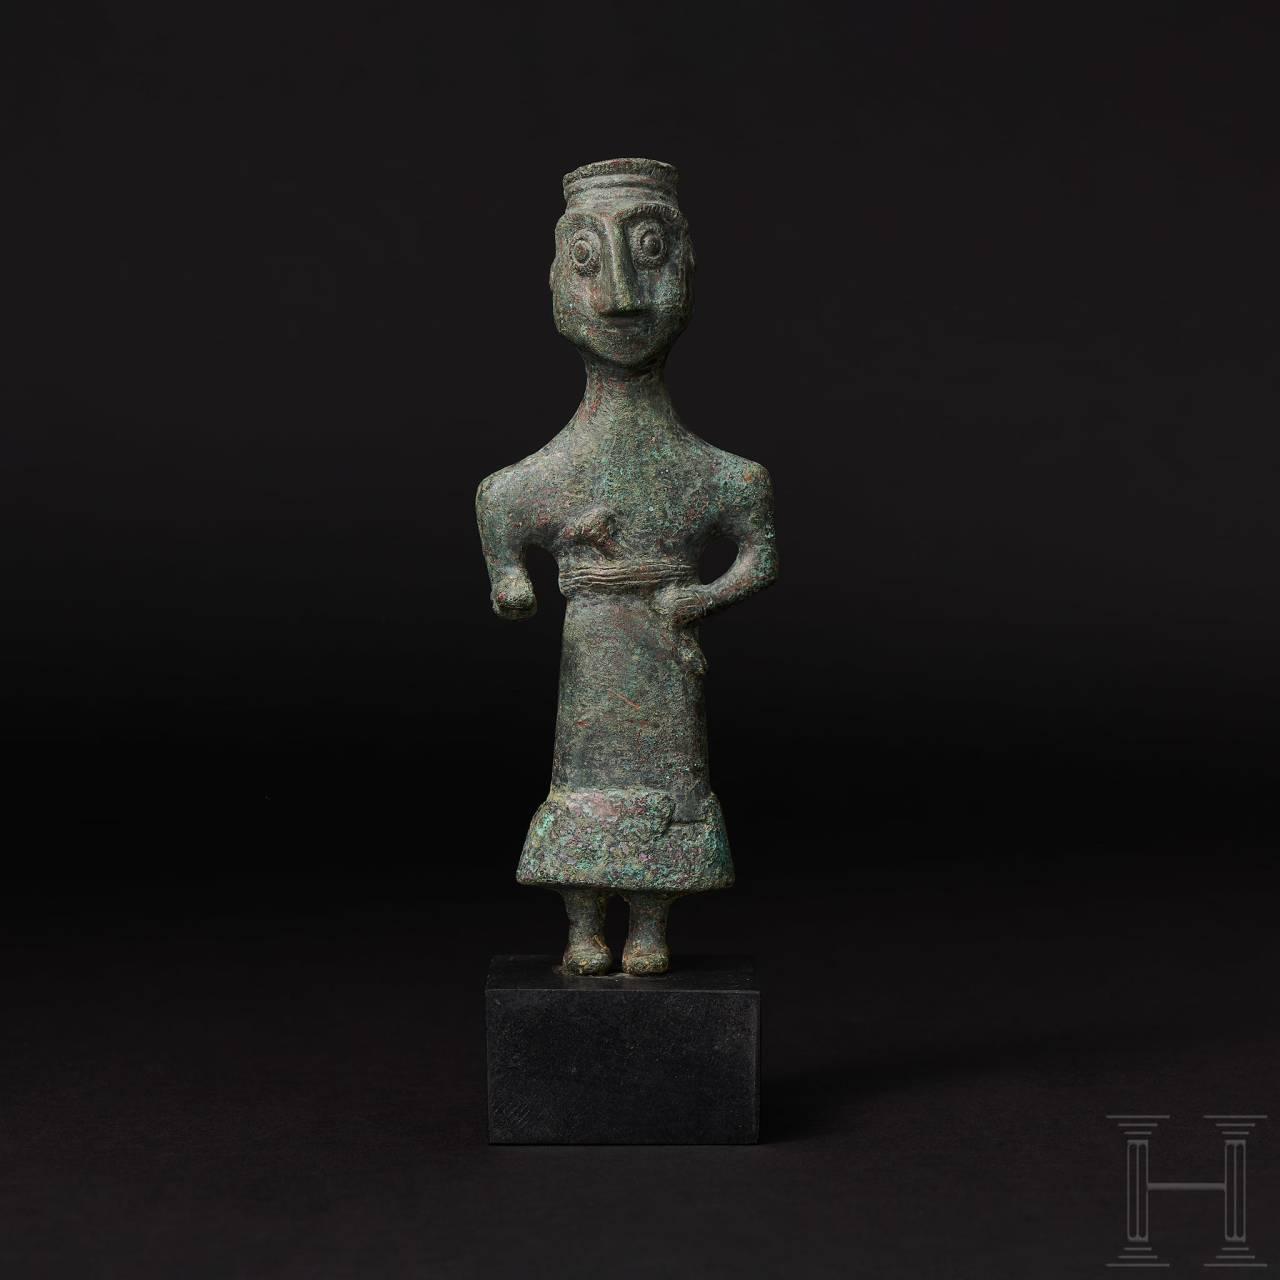 Elamitische Bronzestatuette eines Würdenträgers, Vorderasien, 3. Jtsd. v. Chr.